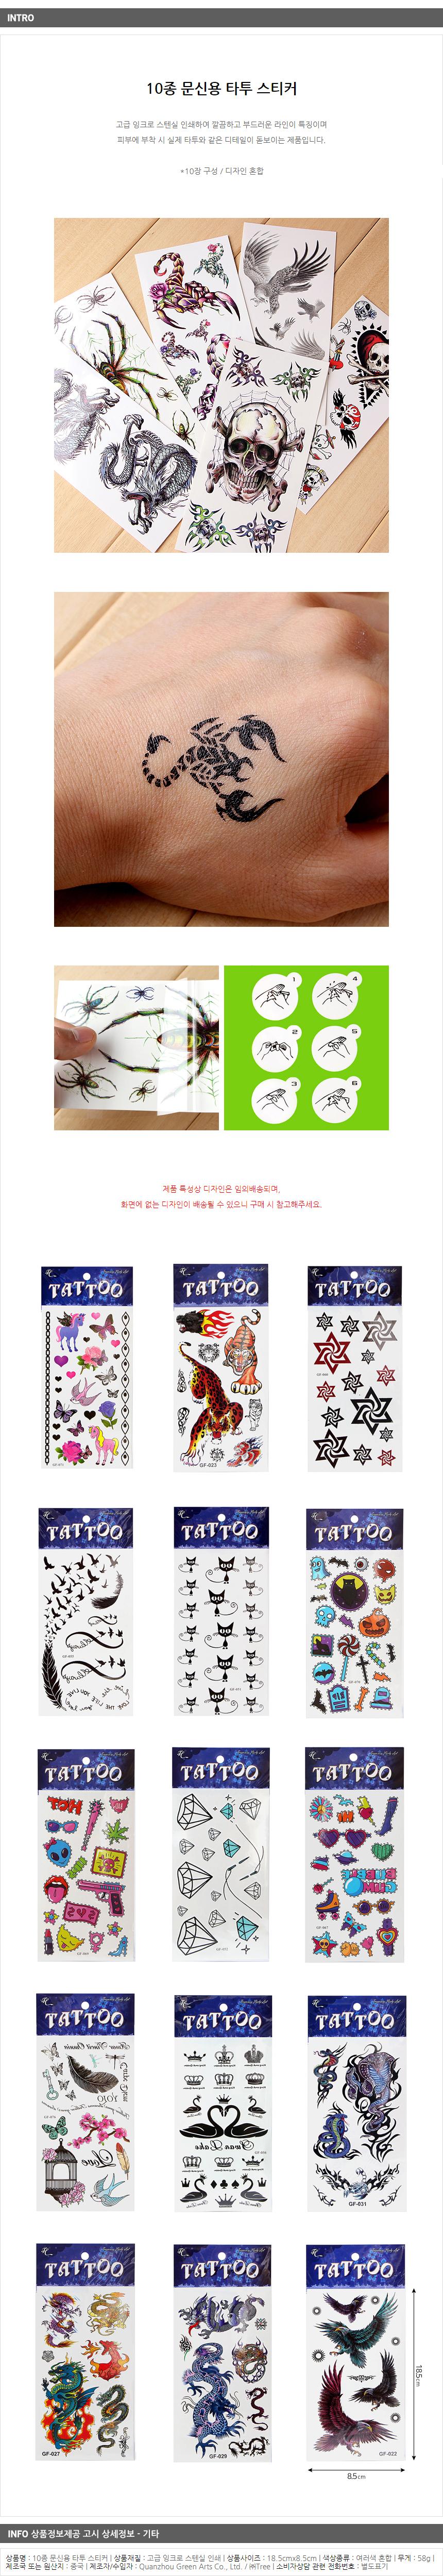 패션 문신스티커 10종세트 - 기프트갓, 5,510원, 바디메이크업, 타투스티커